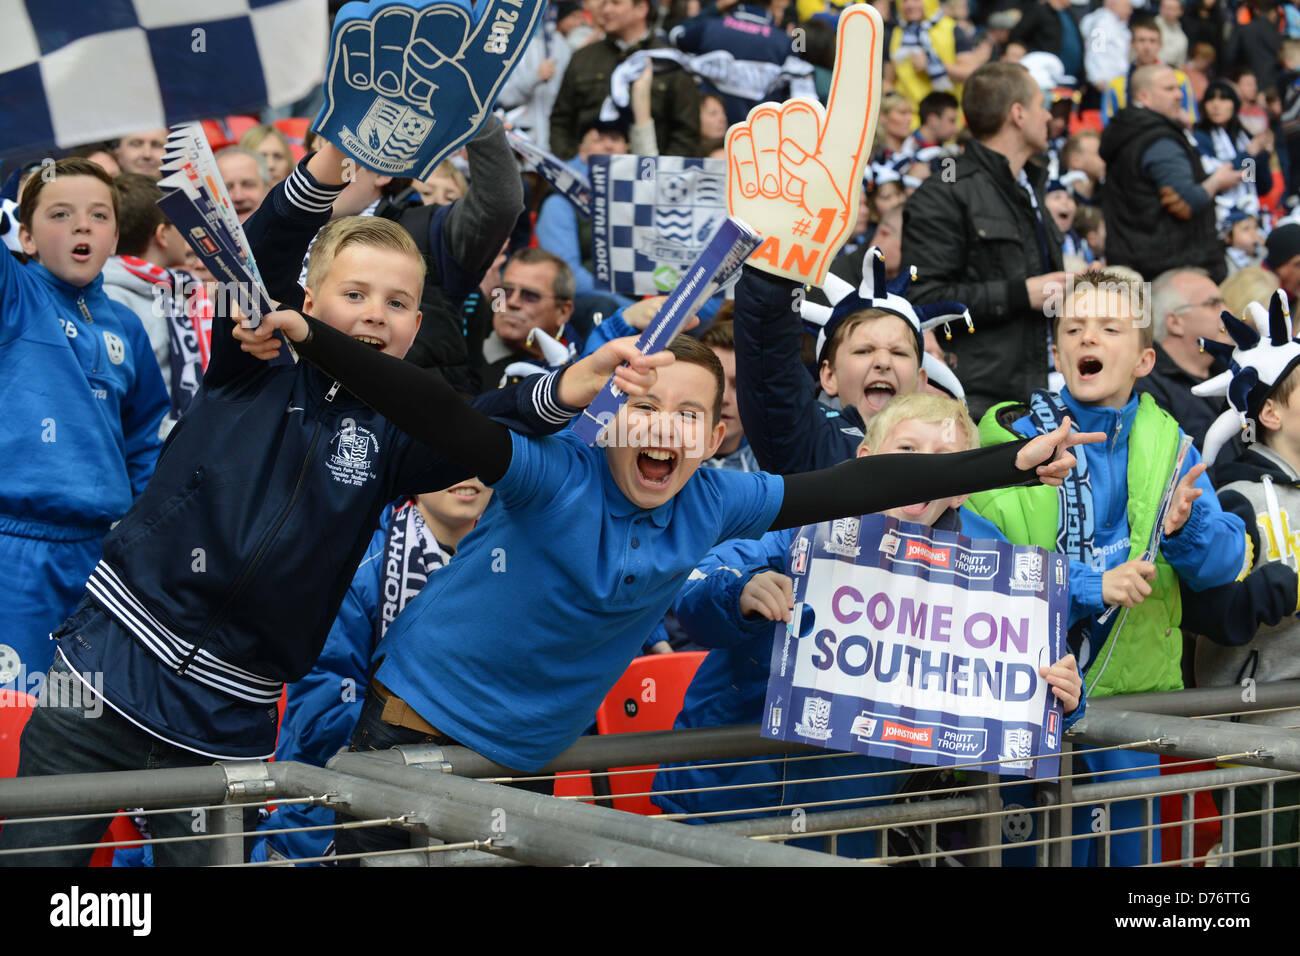 Les jeunes fans de football, partisans de Southend Photo Stock